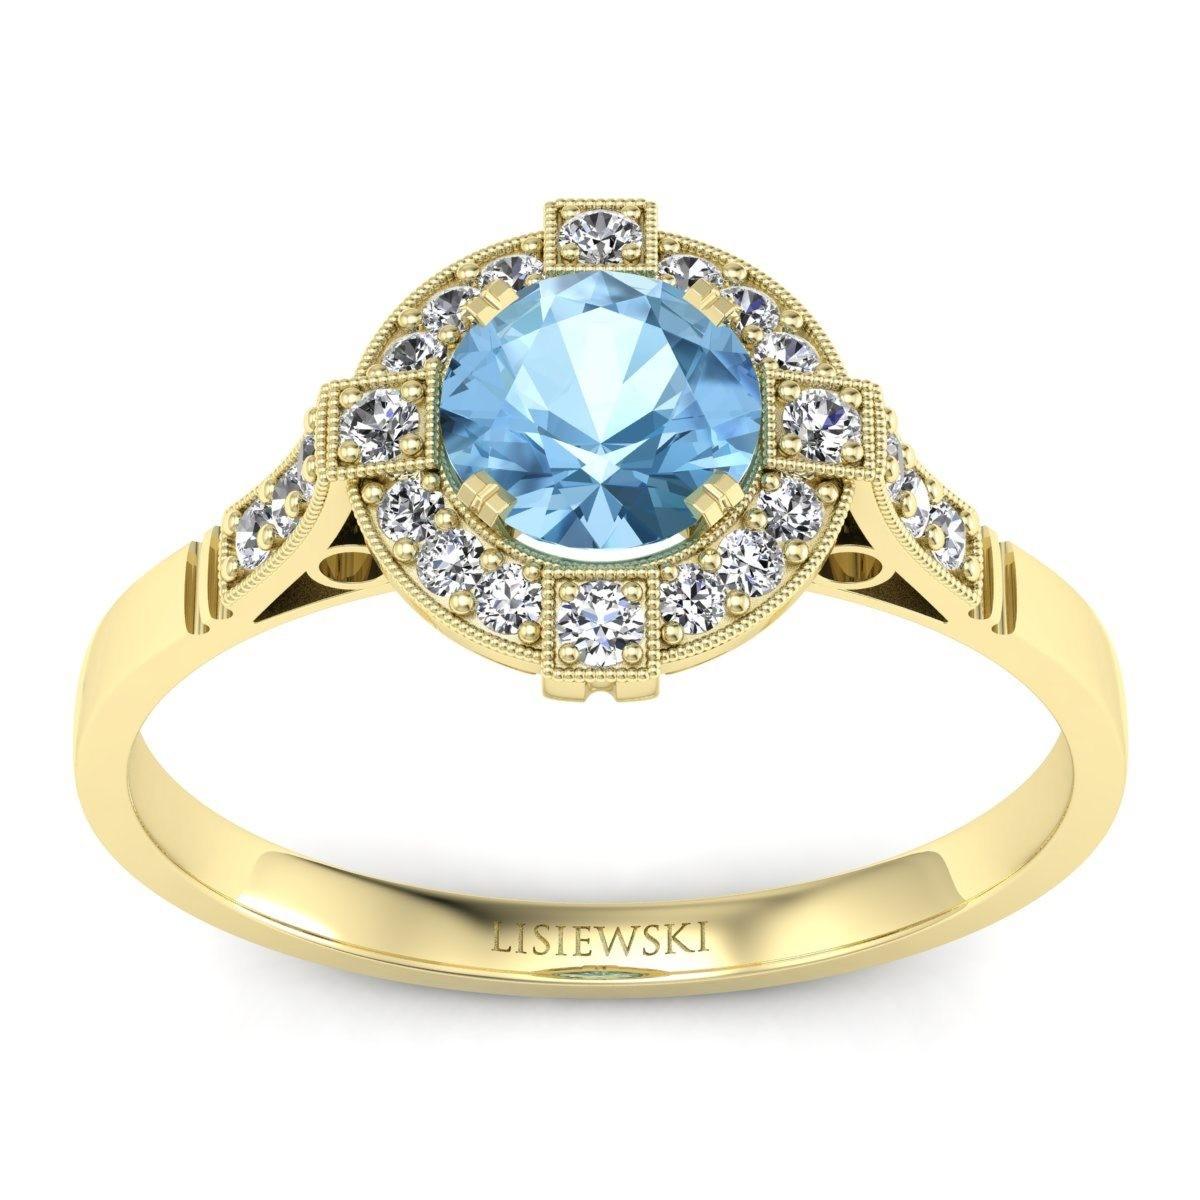 Audrey - Złoty pierścionek z topazem i diamentami